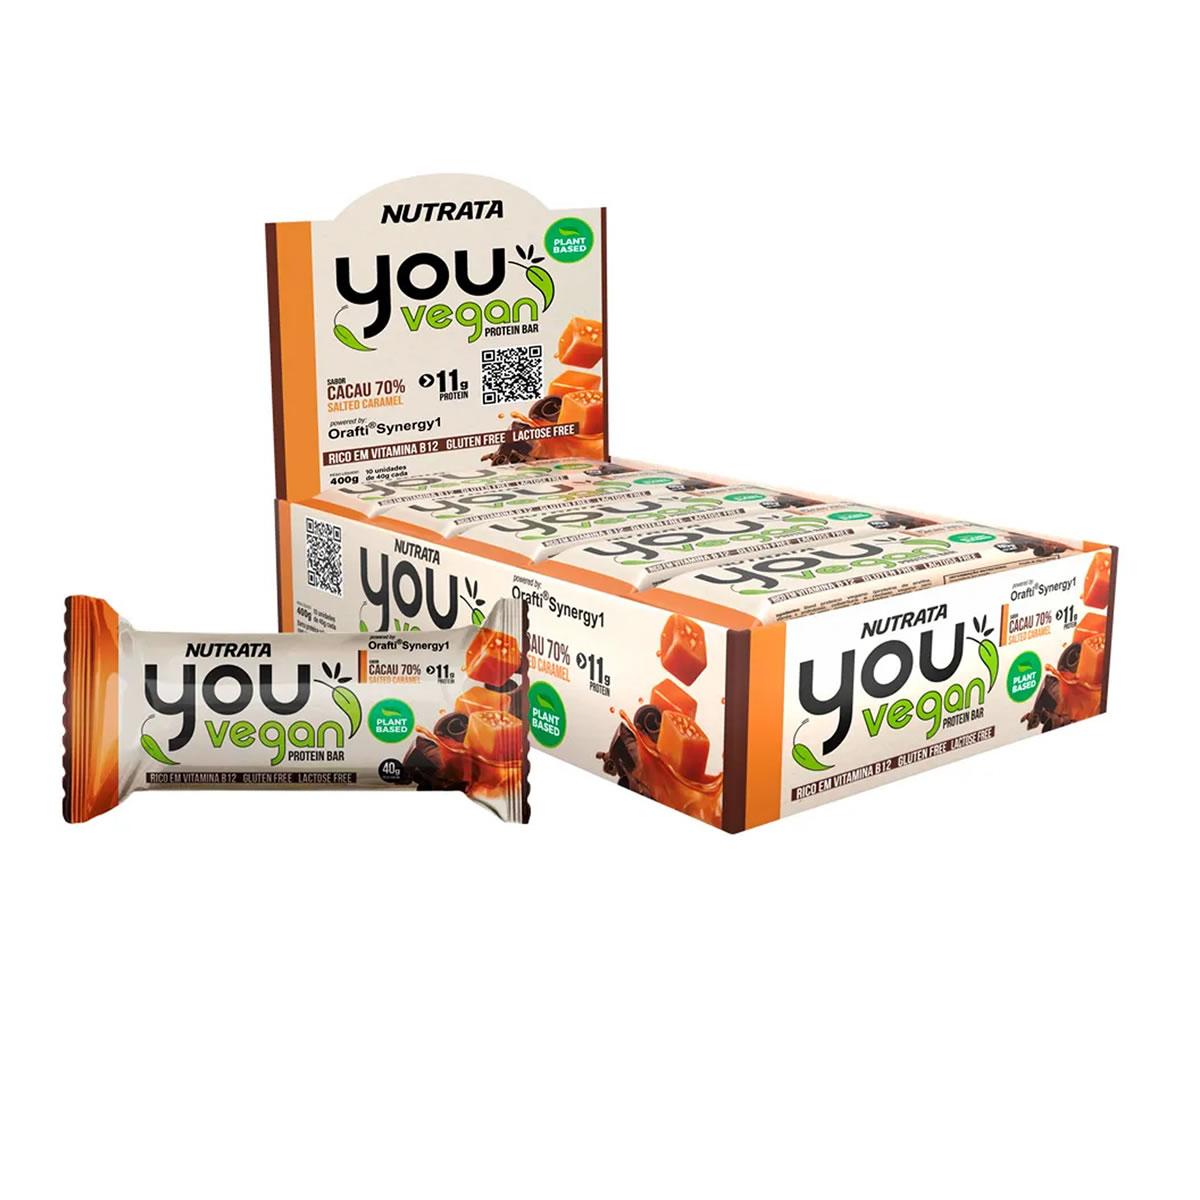 Barra Proteica You Vegan Sabor Cacau com Caramelo Display 10un de 40g - Nutrata